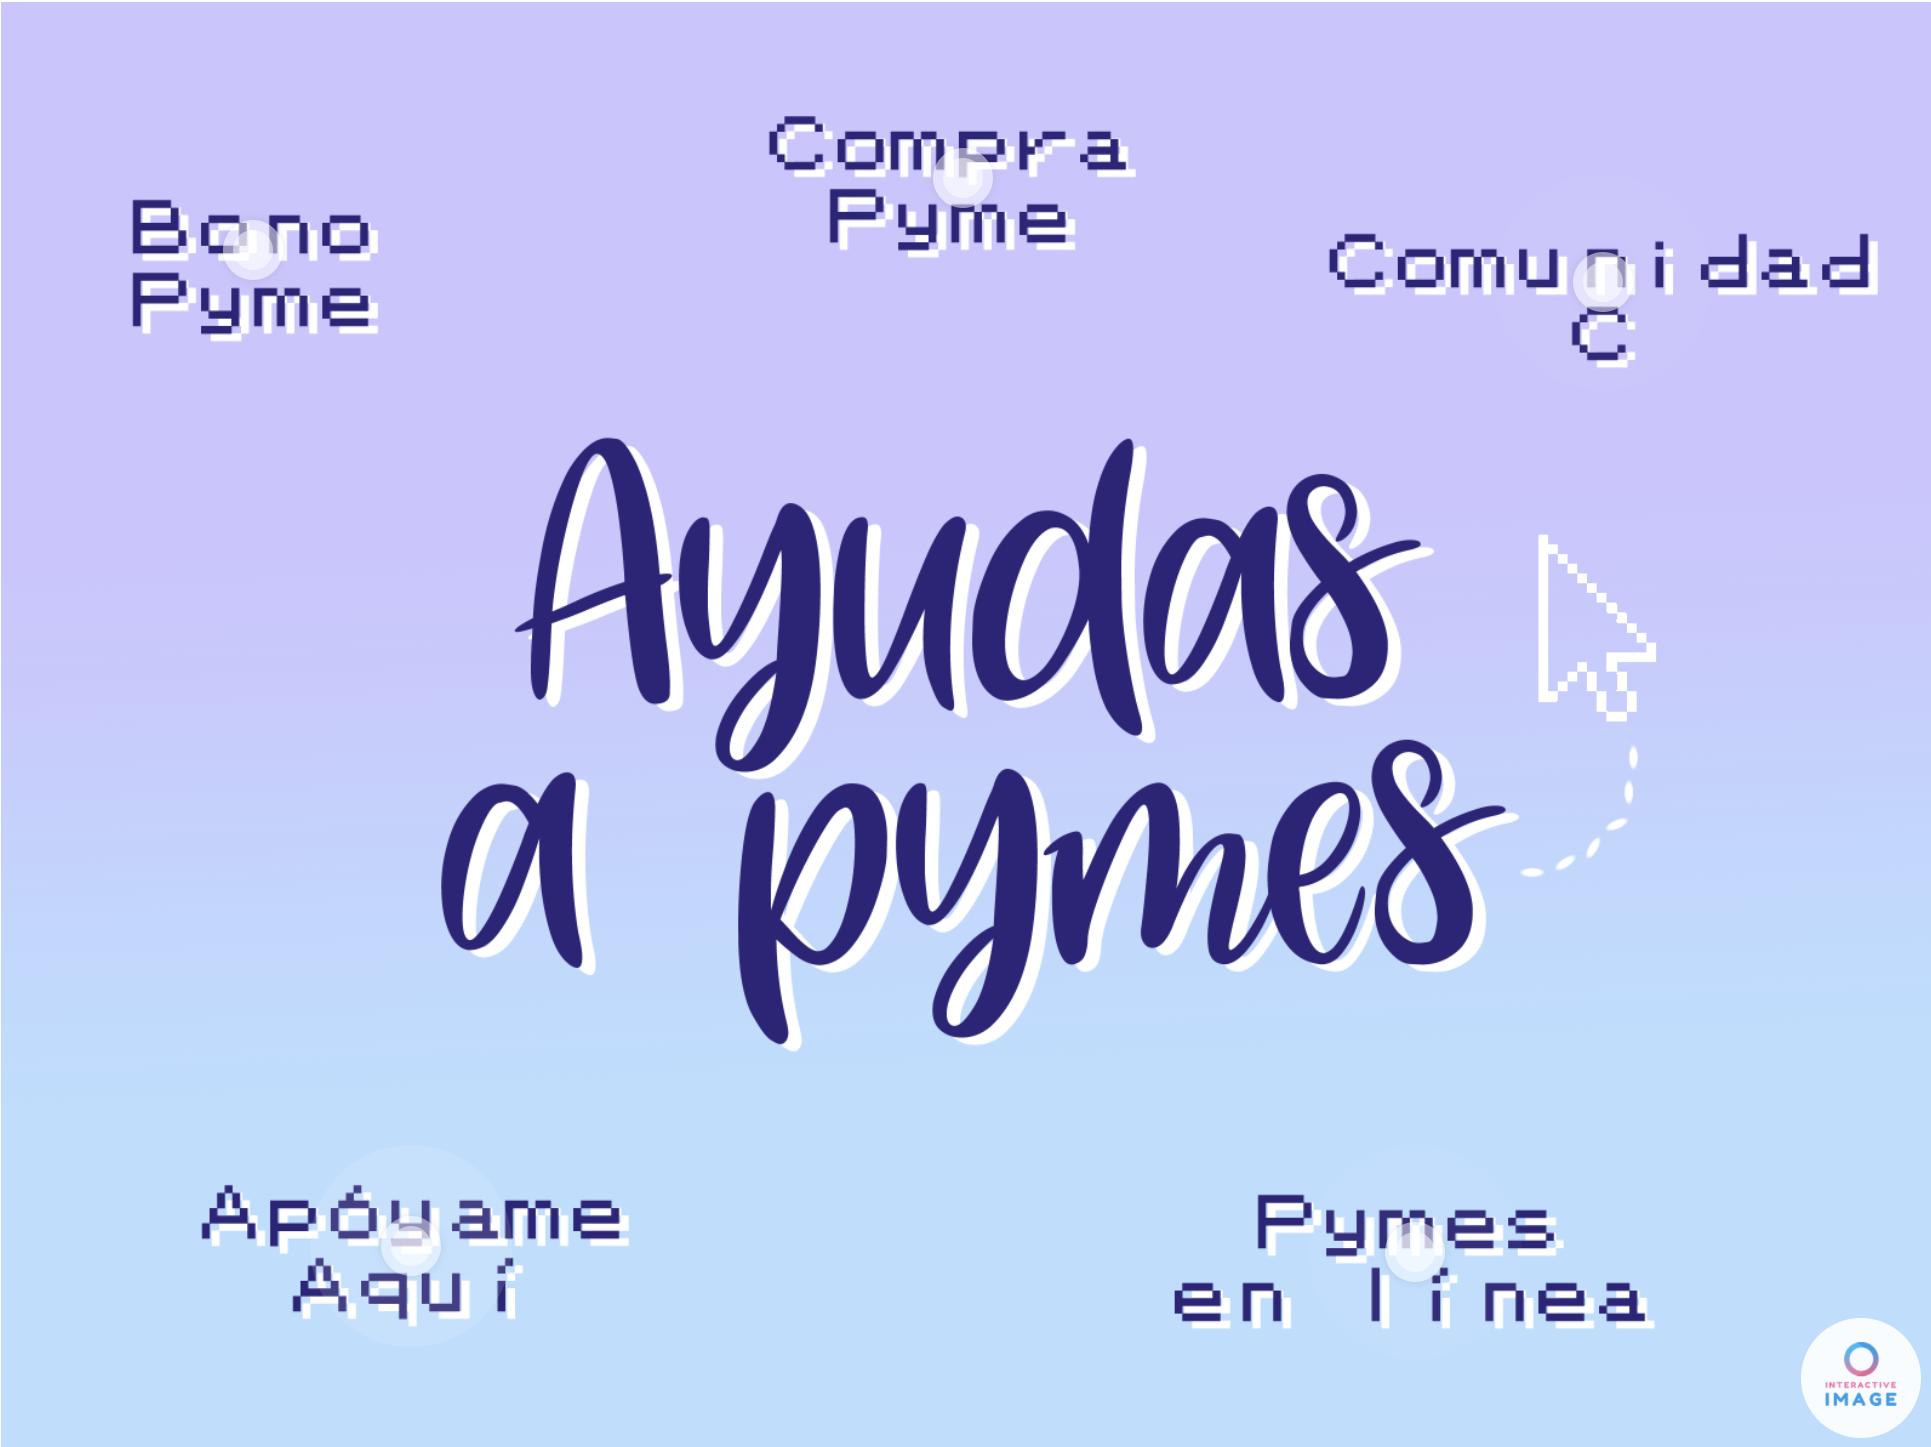 Ayuda a pymes, imagen que lleva a link con más información